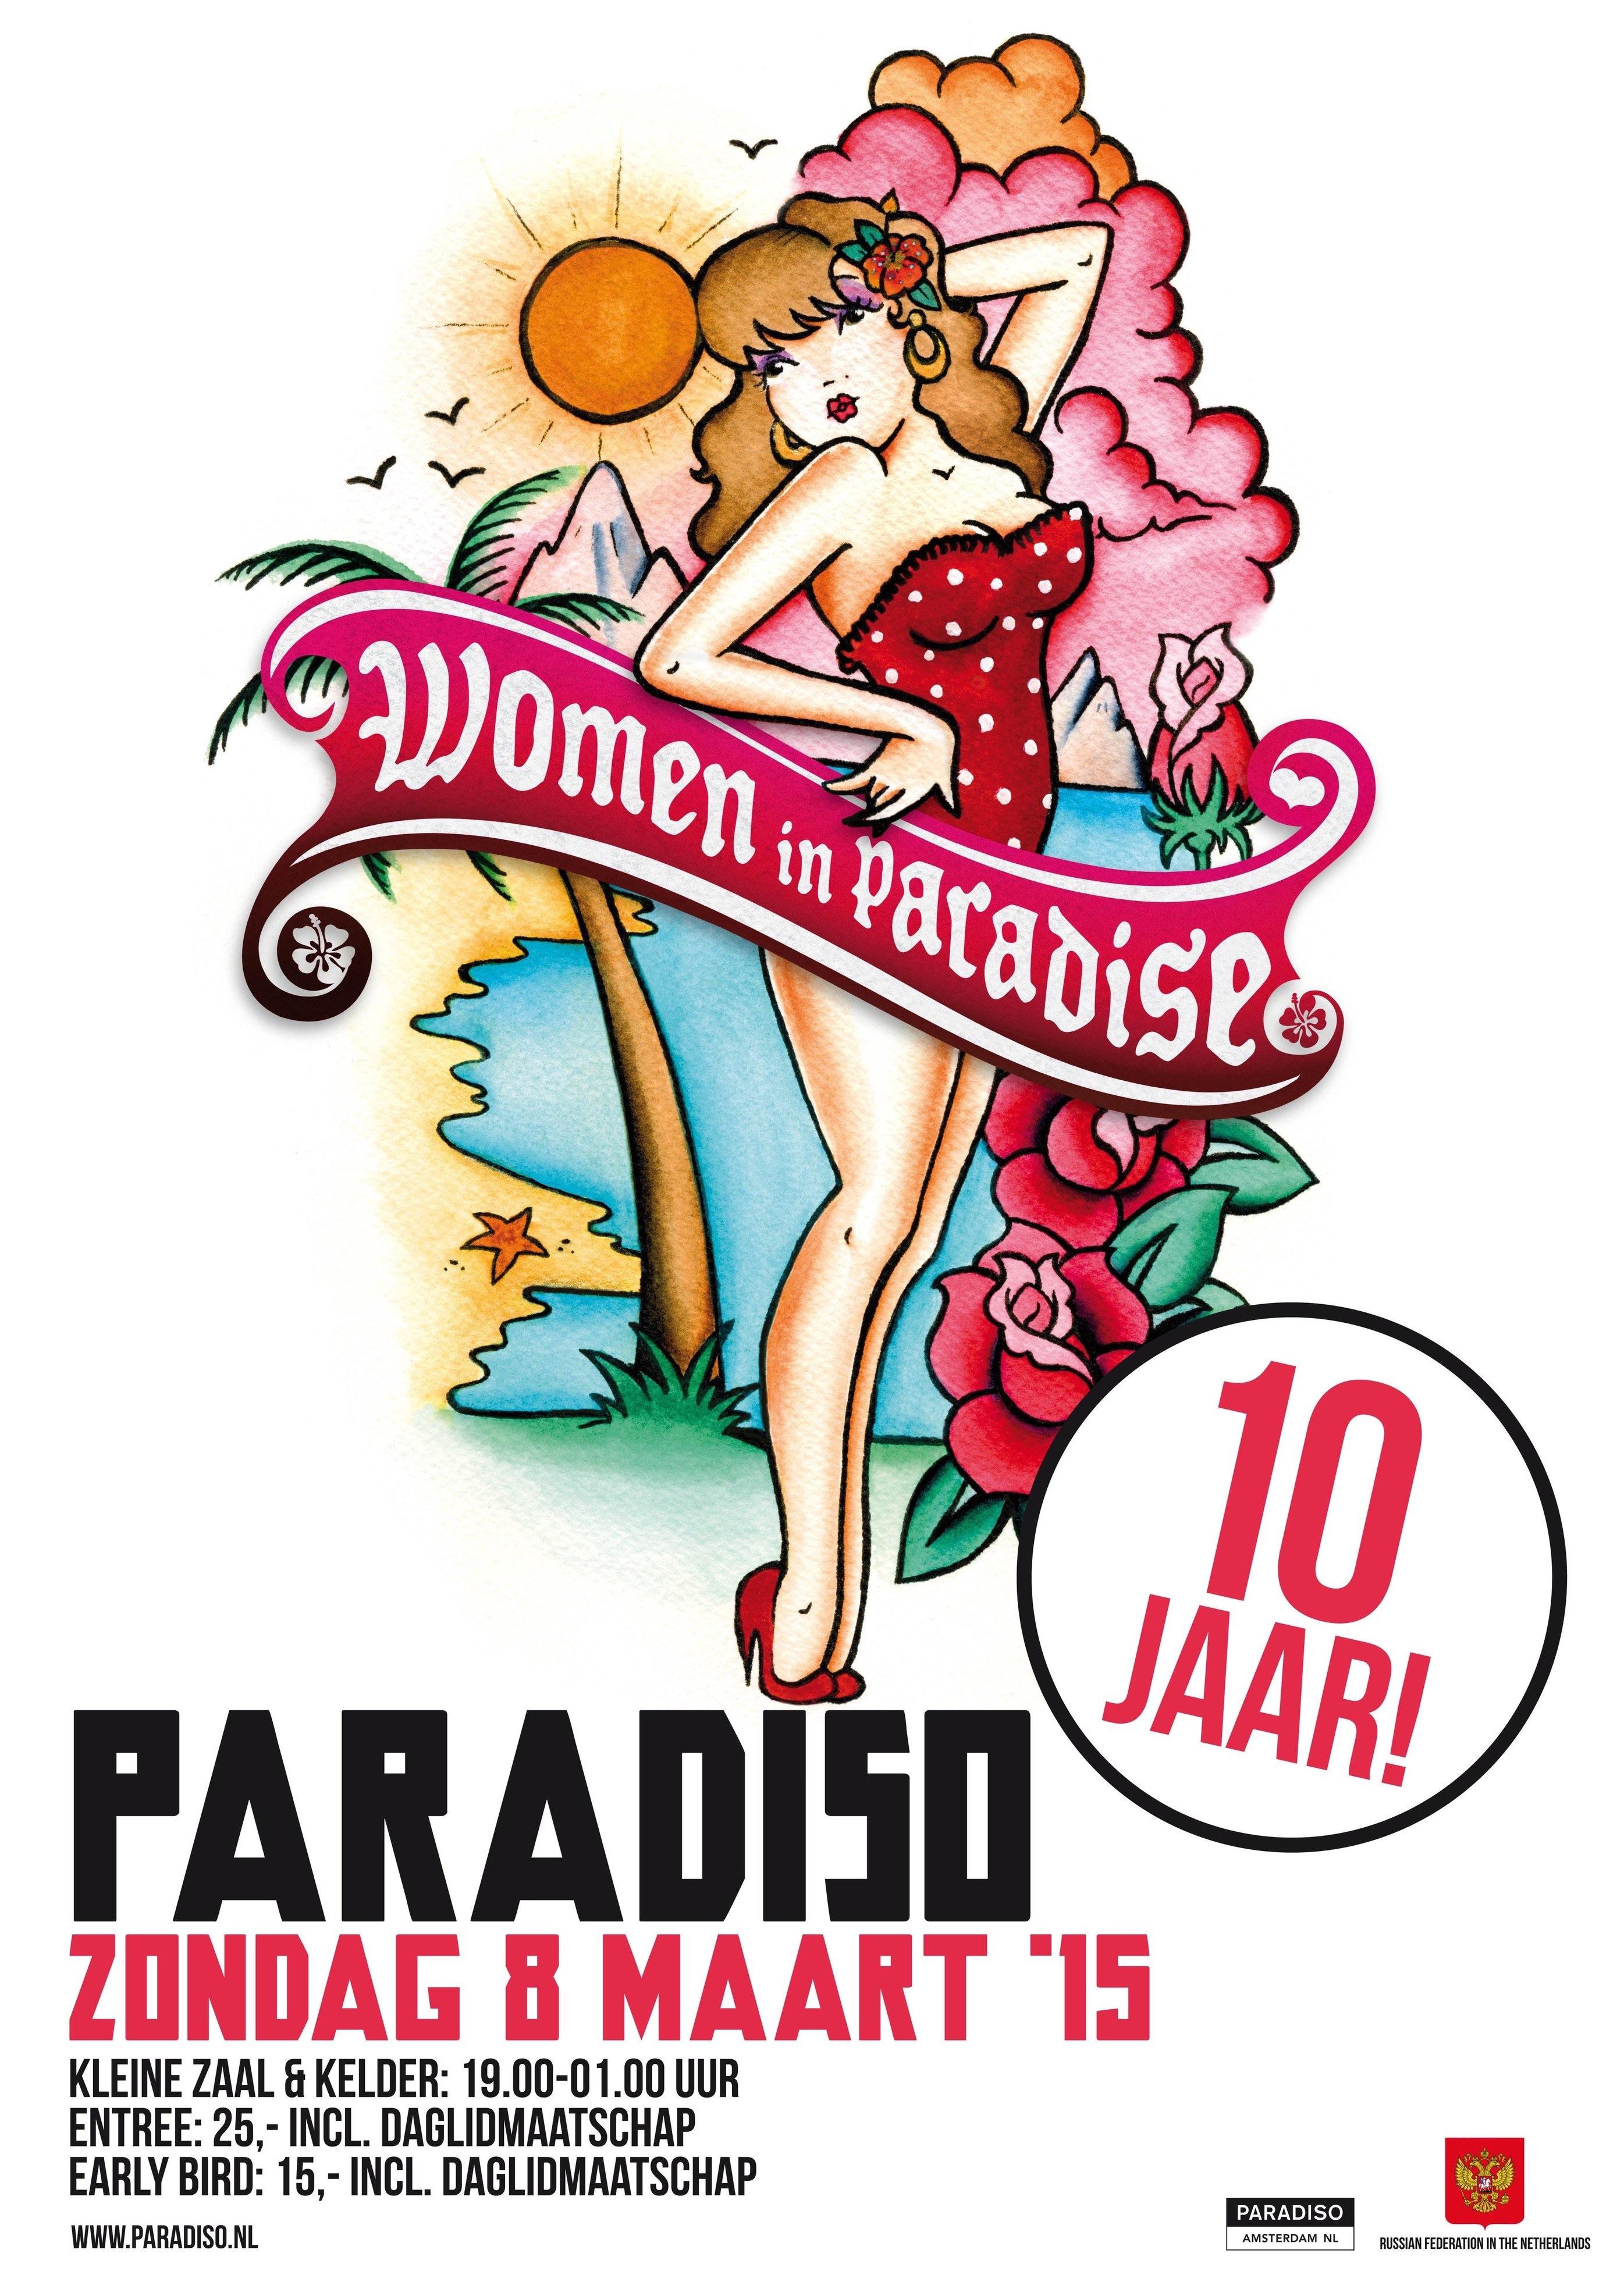 Poster 11 Maart 2015